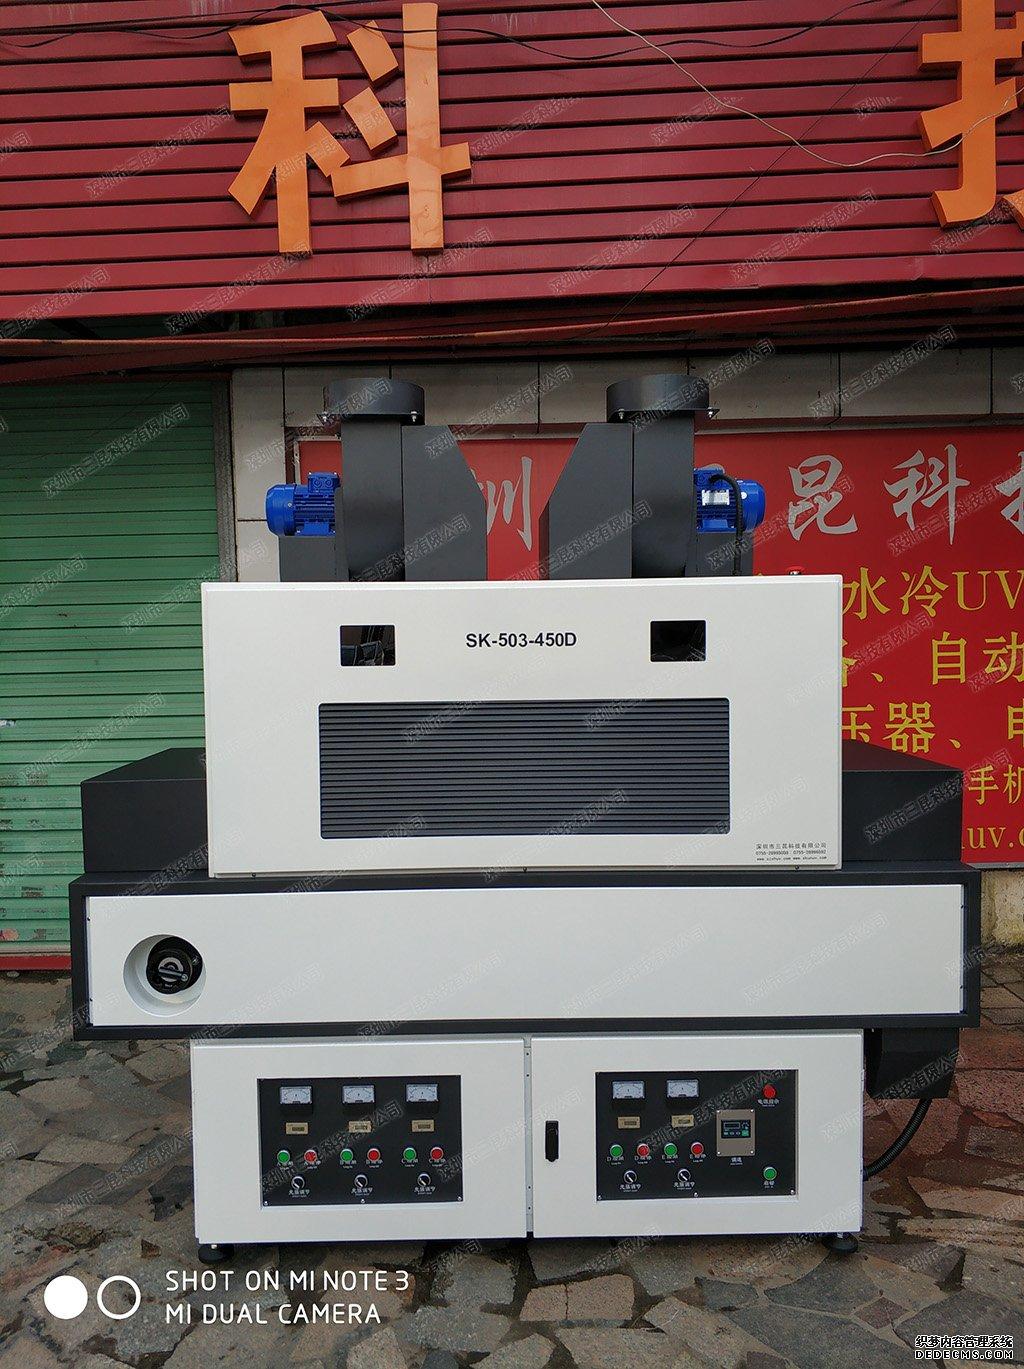 uv光固化机厂家给予需采购uv固化机客户的几项建